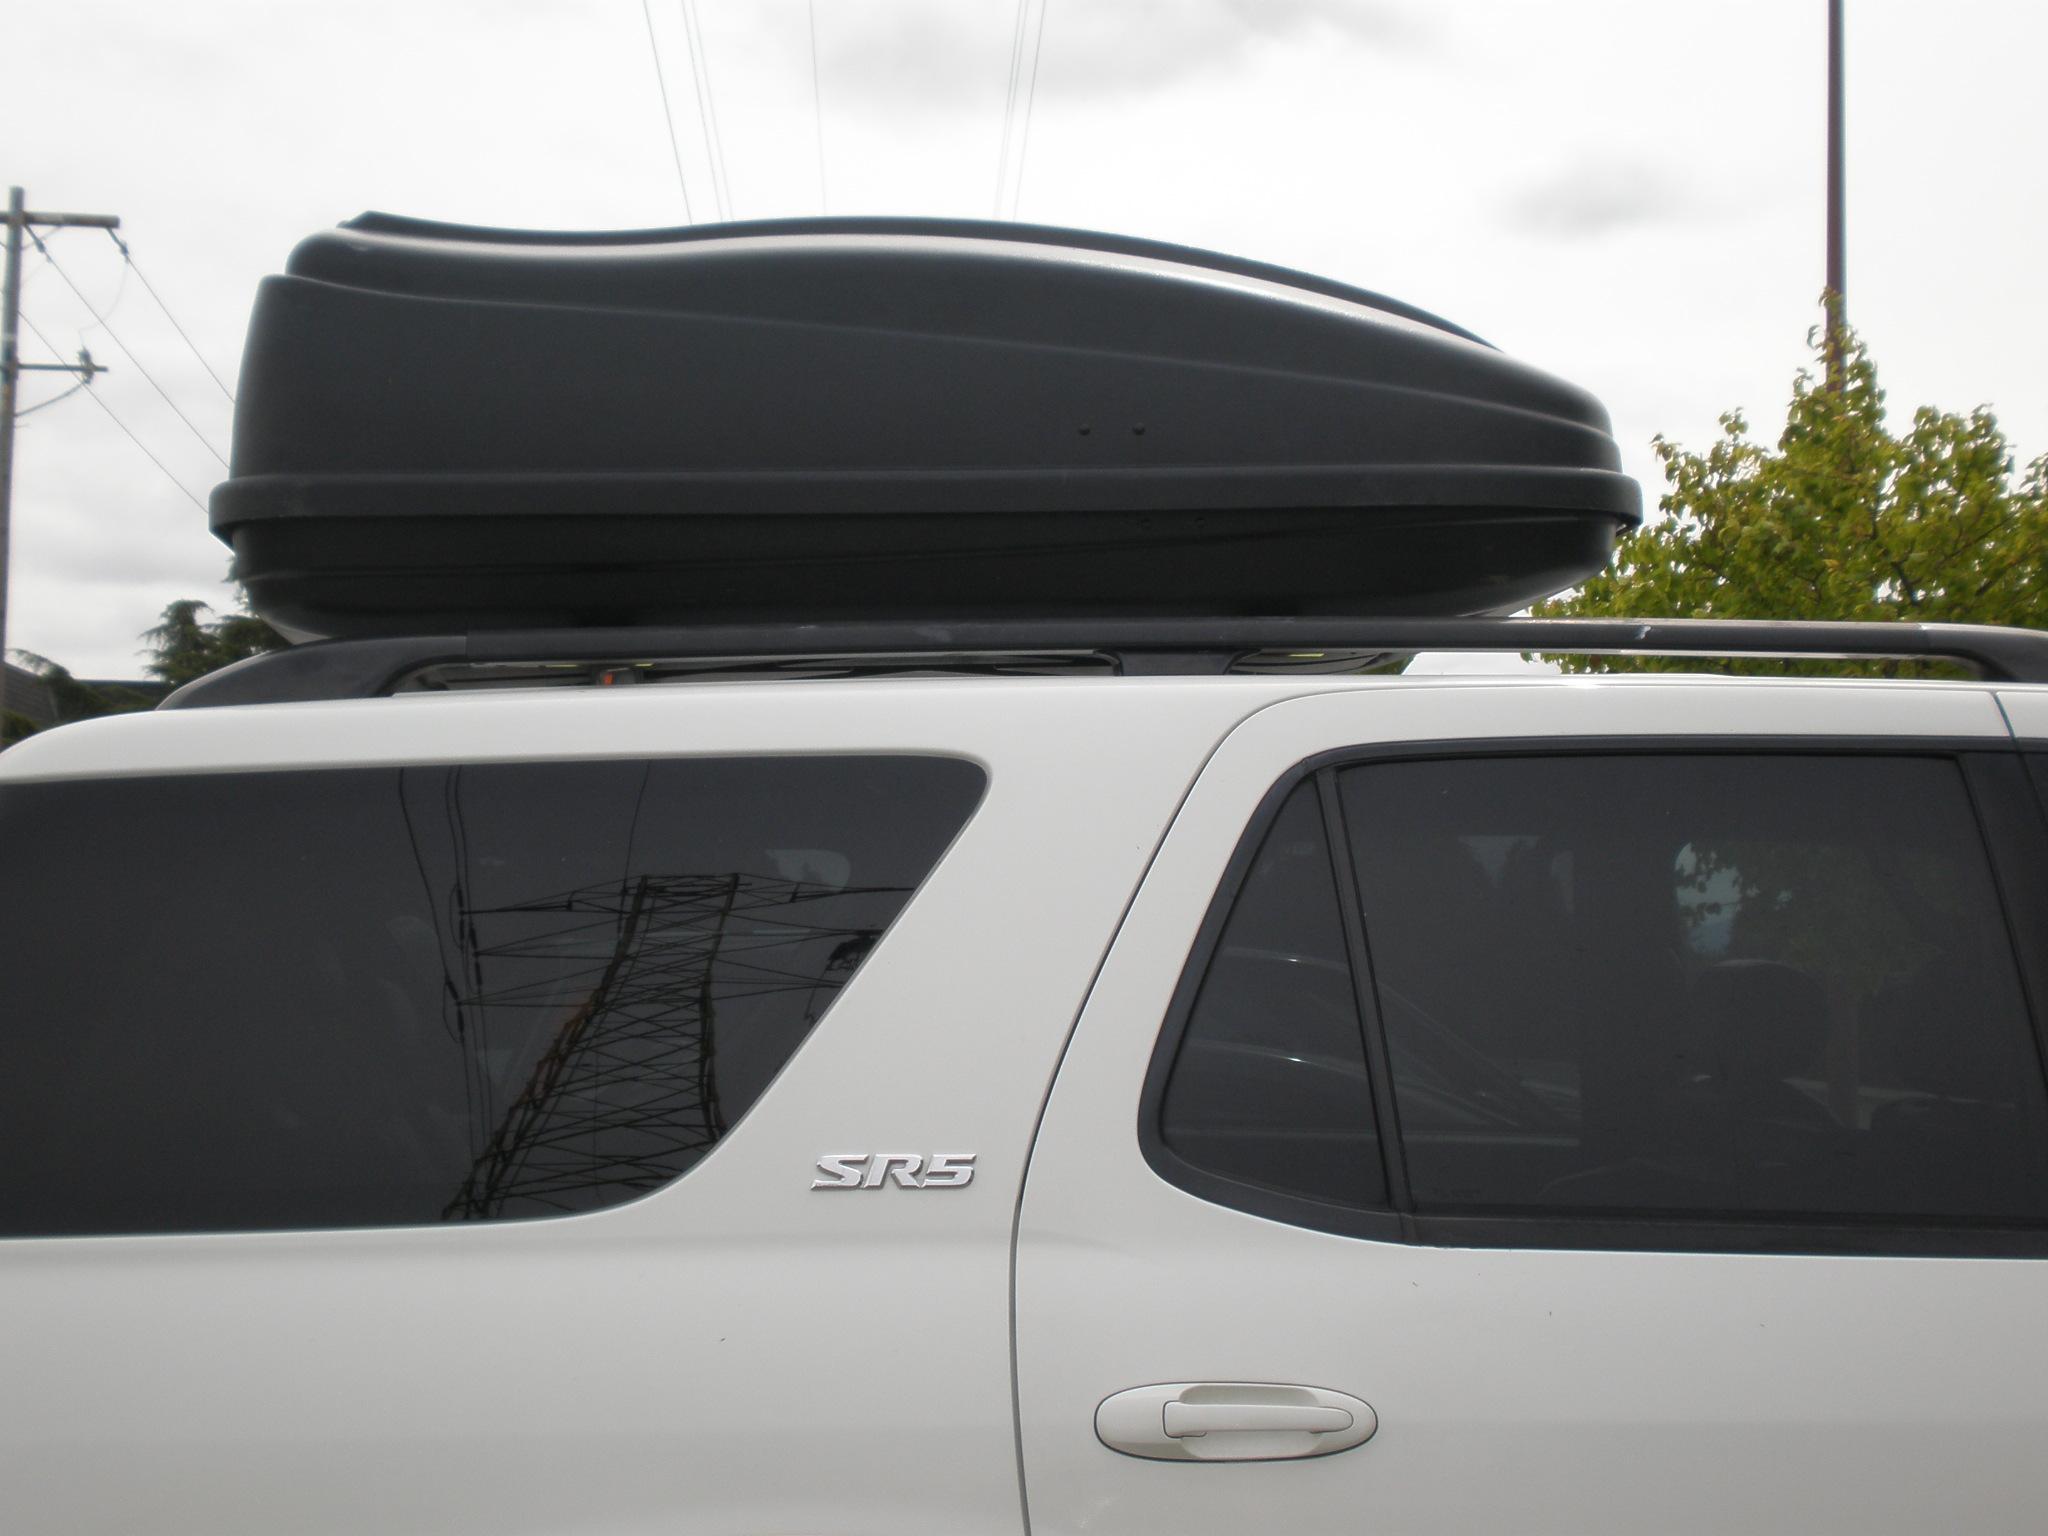 Packa bilens takbox pa ratt satt